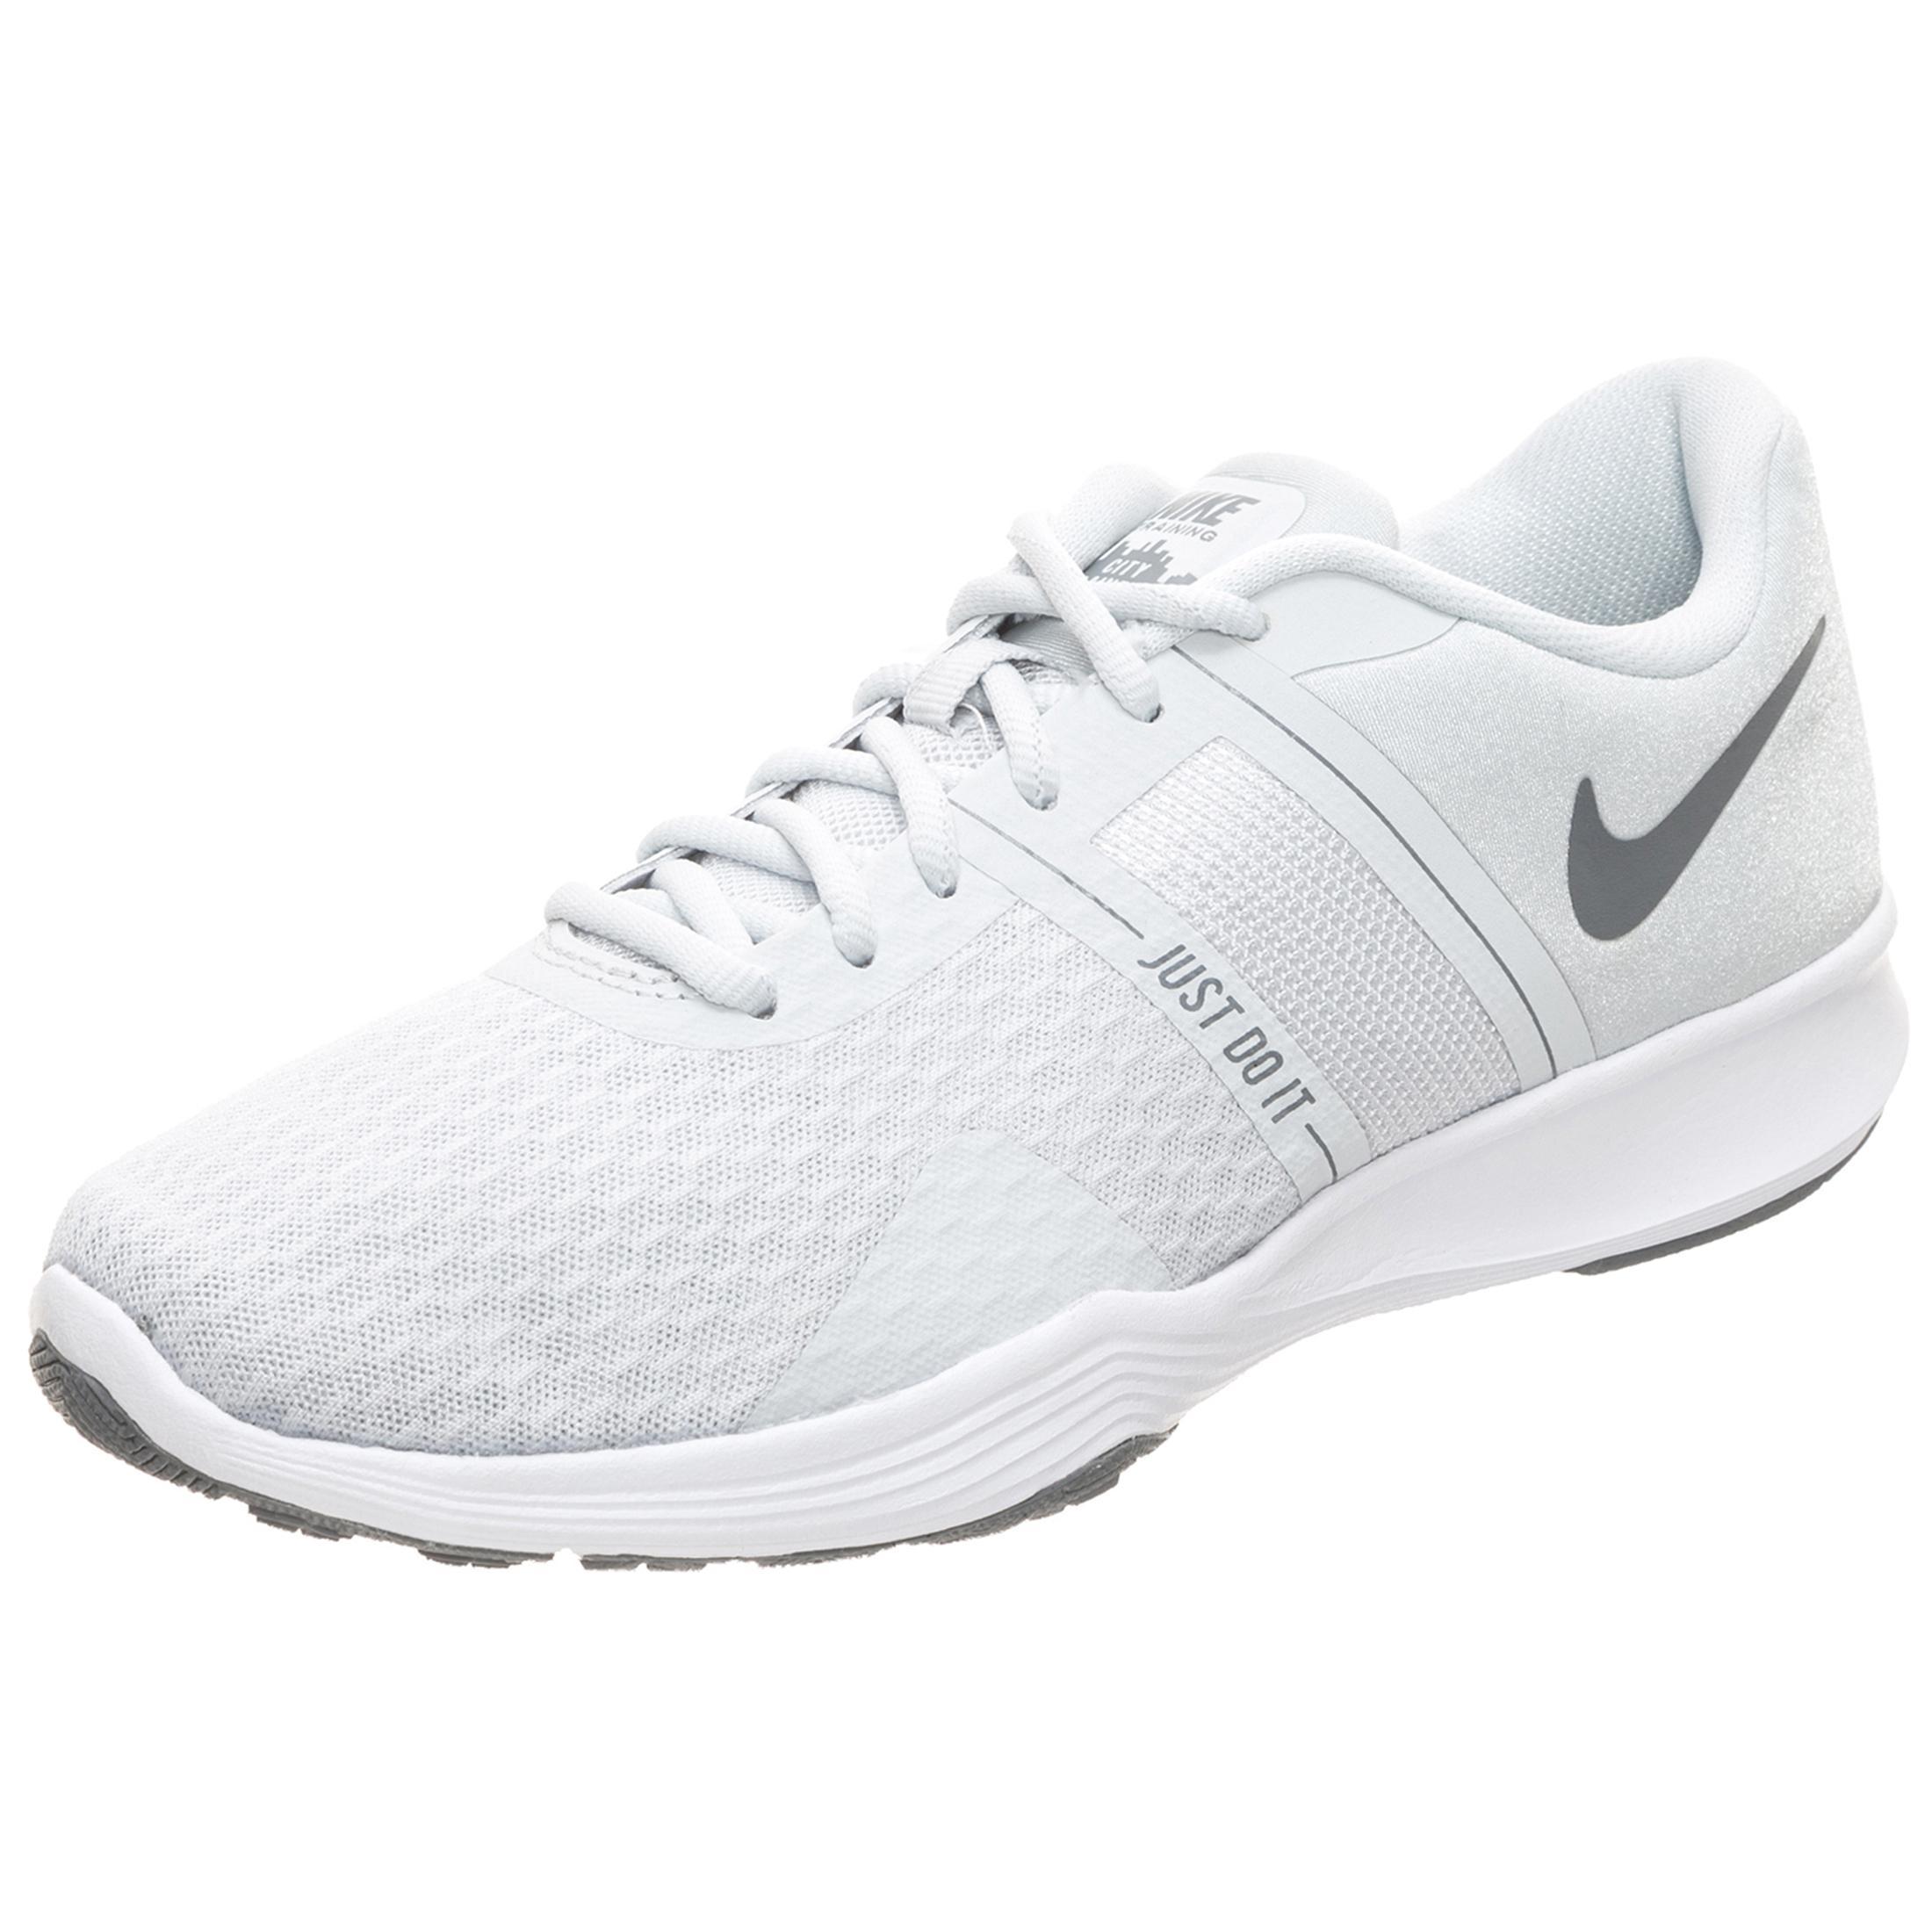 Nike City Trainer 2 Fitnessschuhe Damen hellgrau / weiß im Online Shop von  SportScheck kaufen